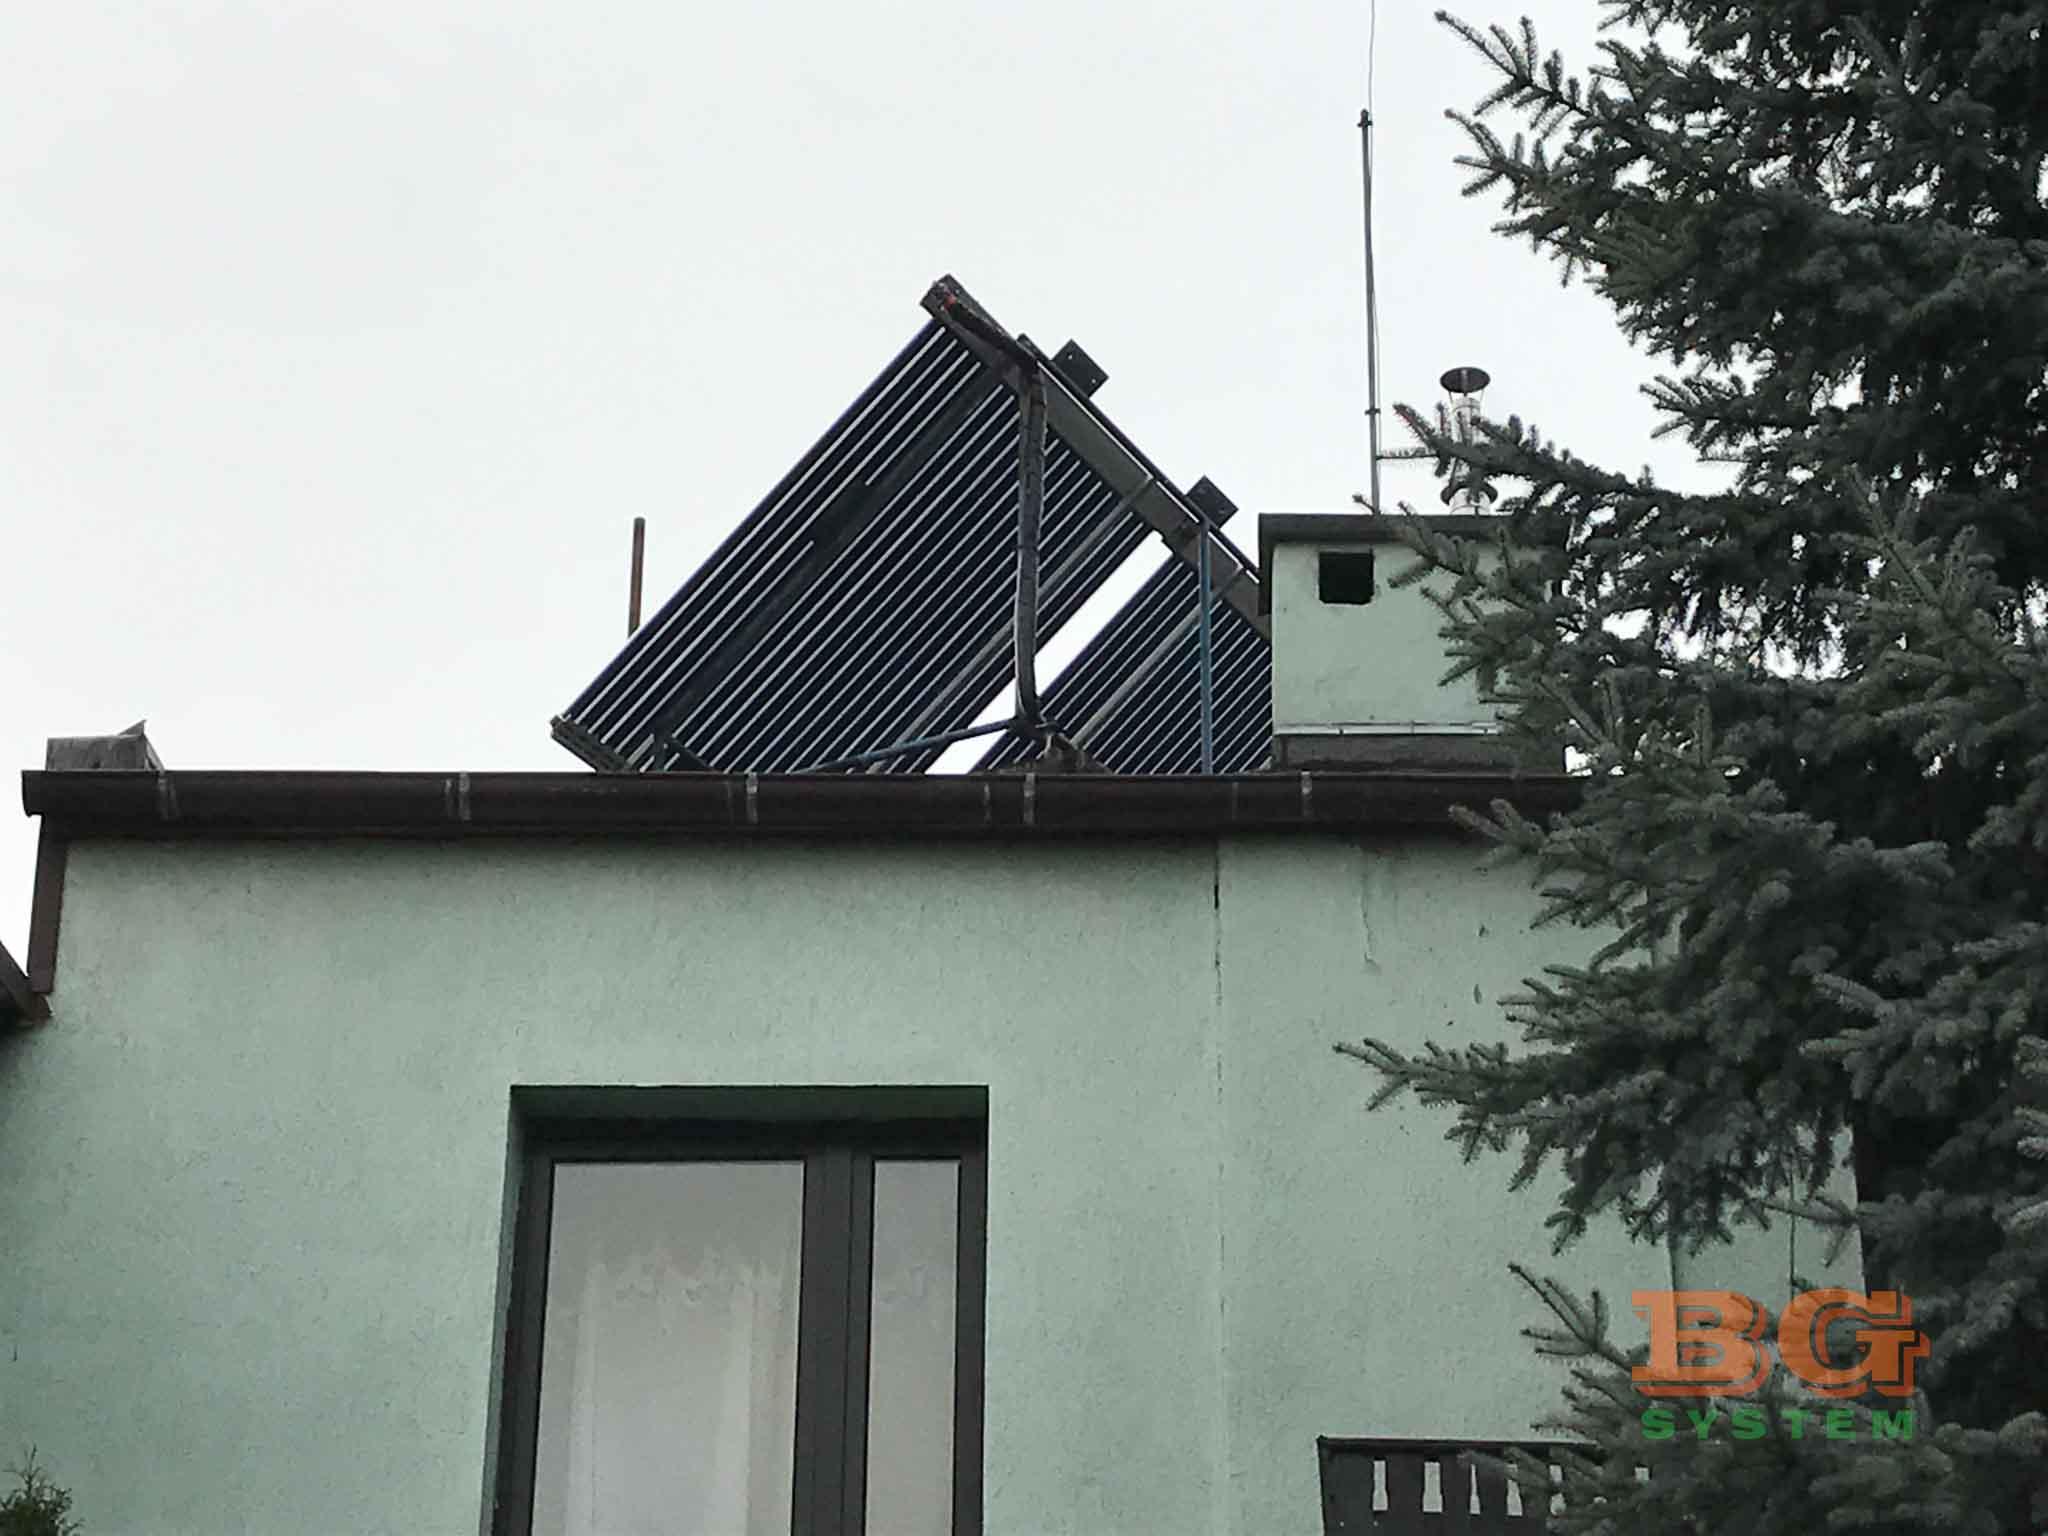 Inwestycja PONE, ul. Zaolziańska w Zabrzu, wykonawca – BG System